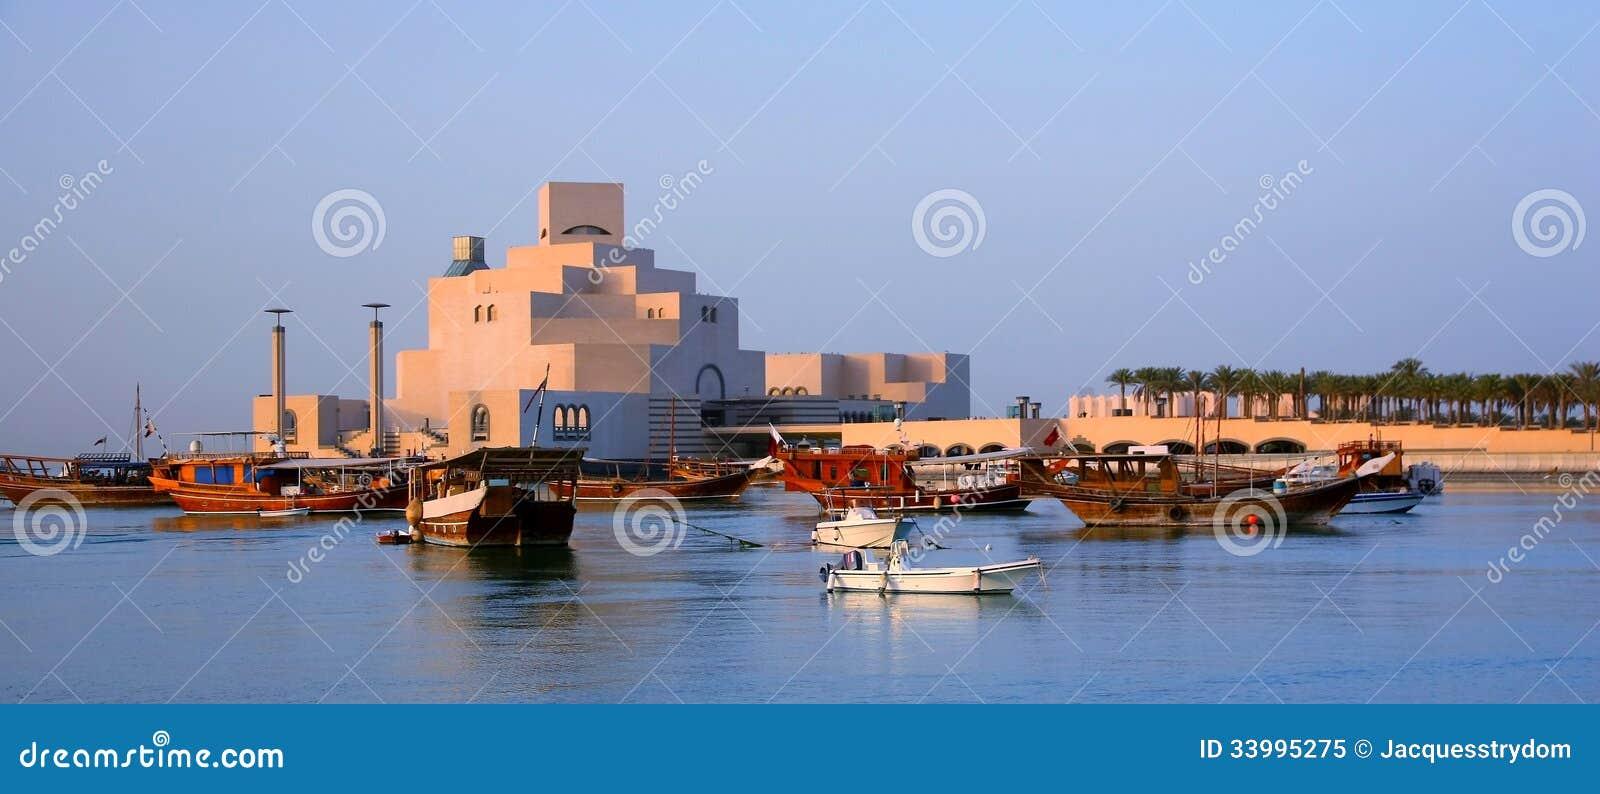 Museum der islamischen Kunst in Doha